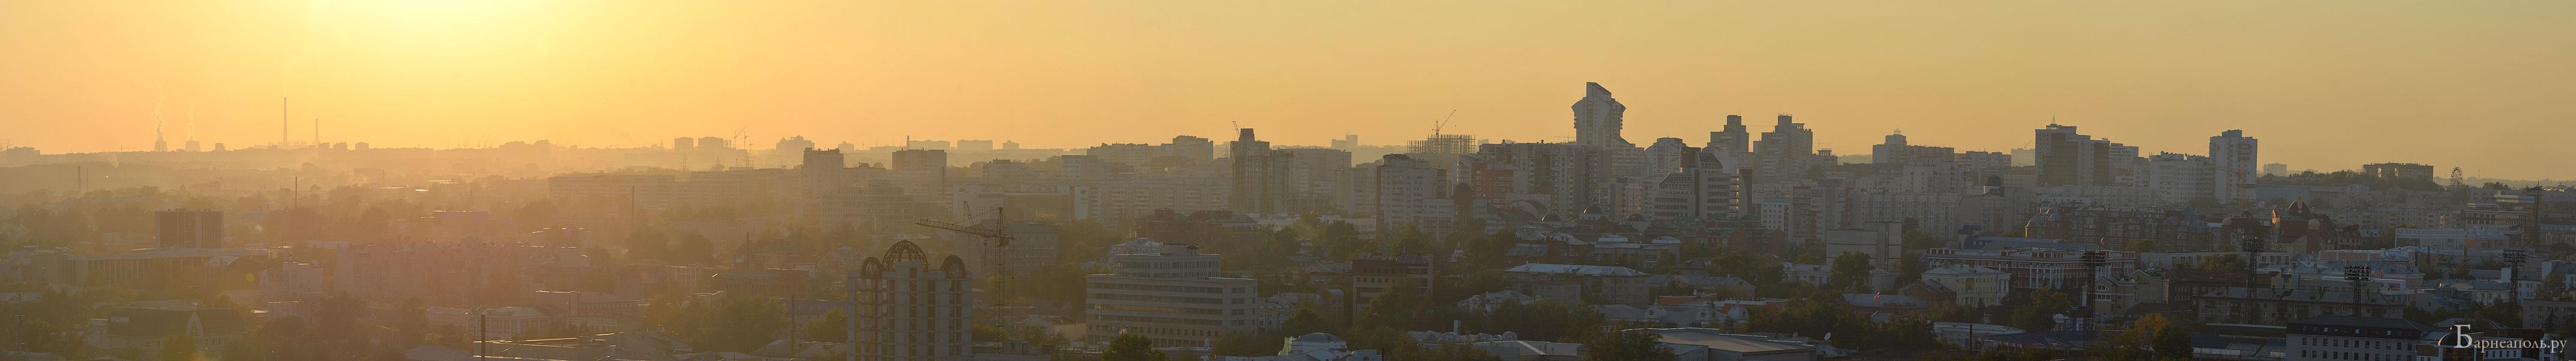 Панорама Барнаула в лучах заката